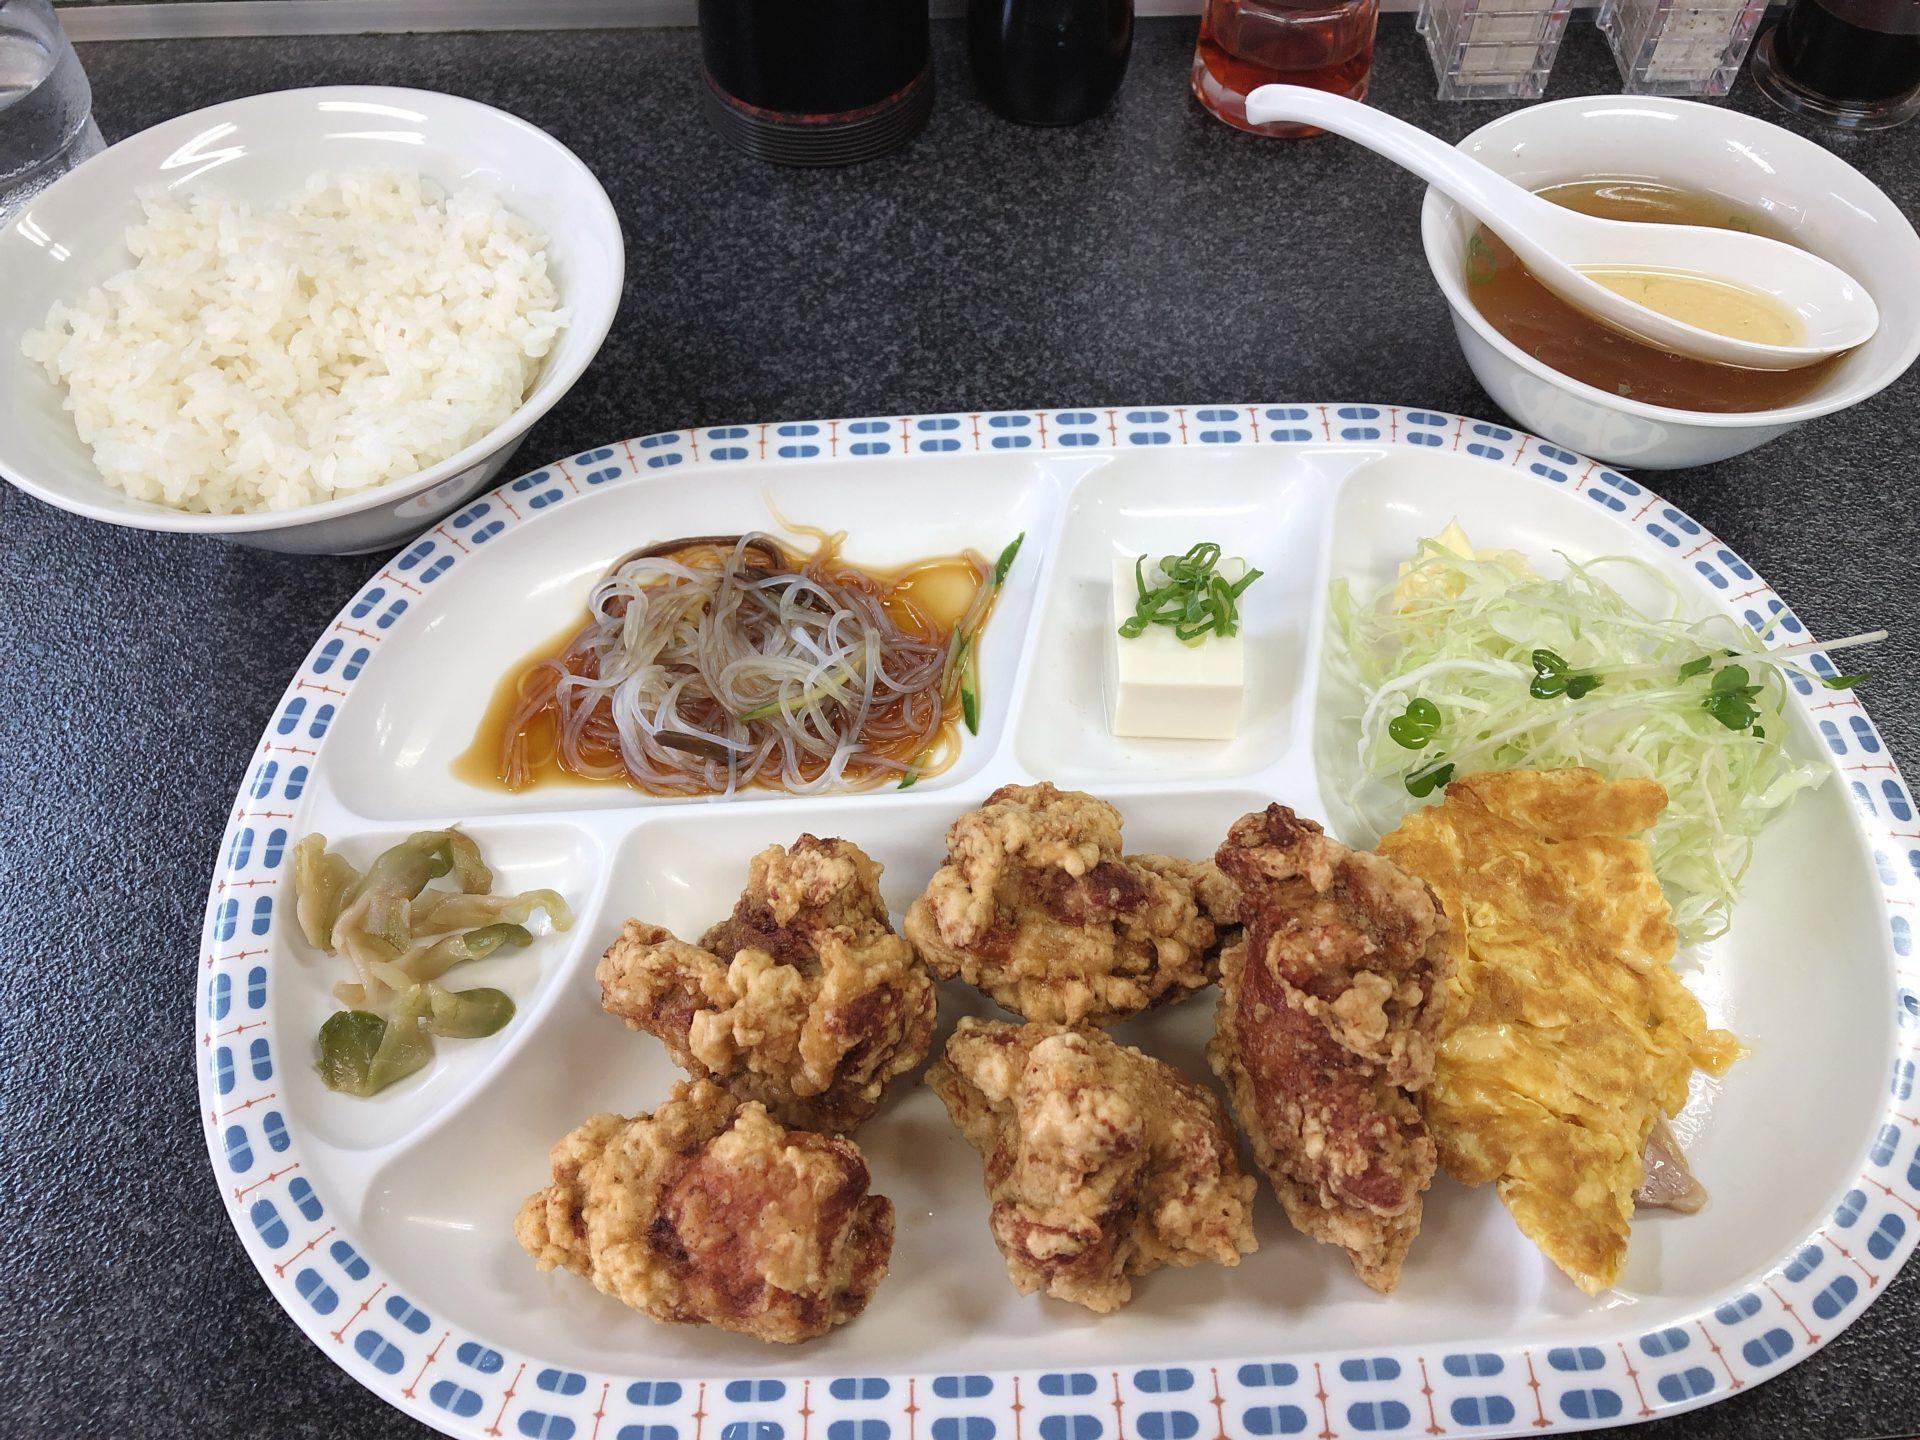 倉敷市藤戸町天城の中華料理 味富来(あじふく)!昼定食メニューは、ガッツリとランチを食べたい時におススメ!